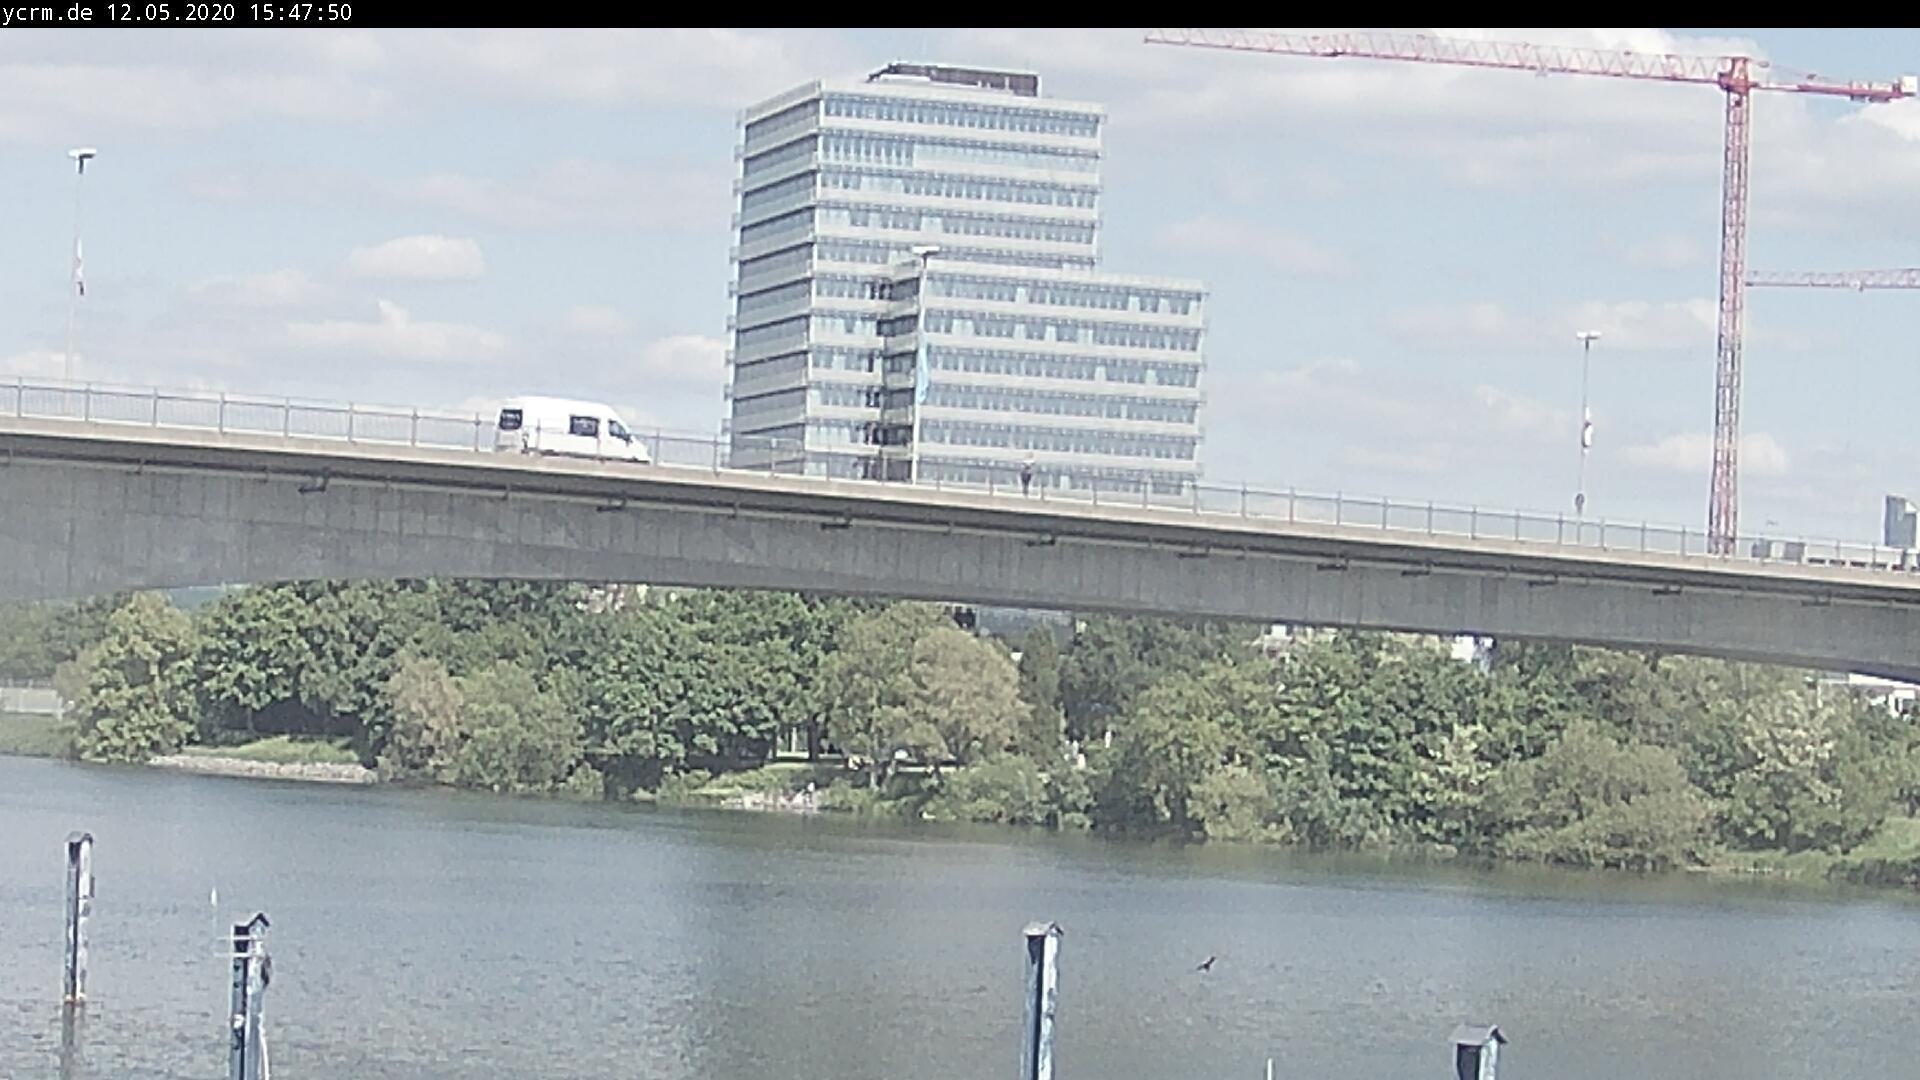 Webcam 03 aus dem Club